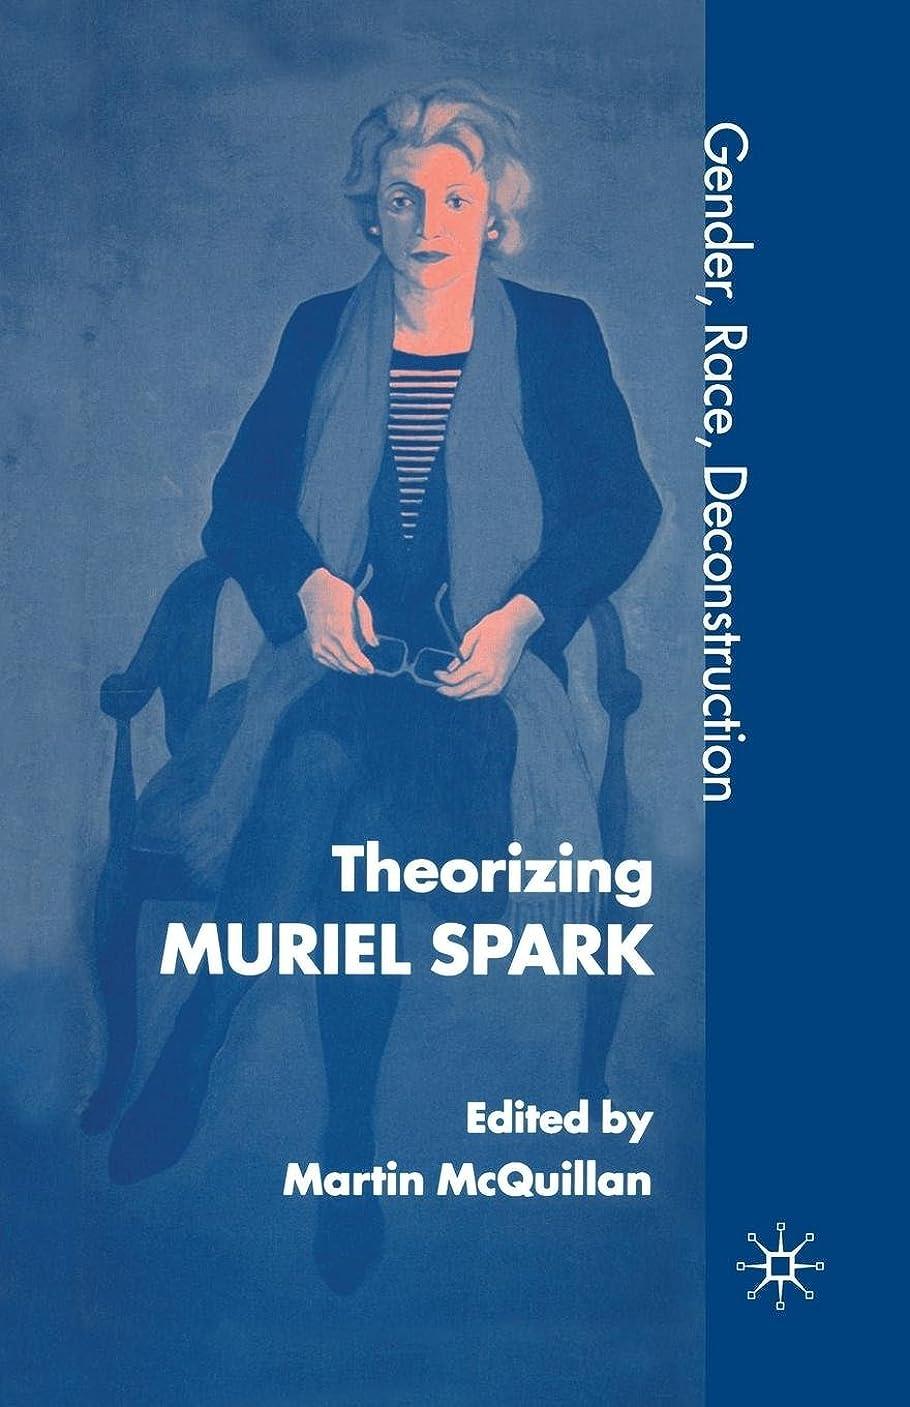 専門知識含める展開するTheorising Muriel Spark: Gender, Race, Deconstruction